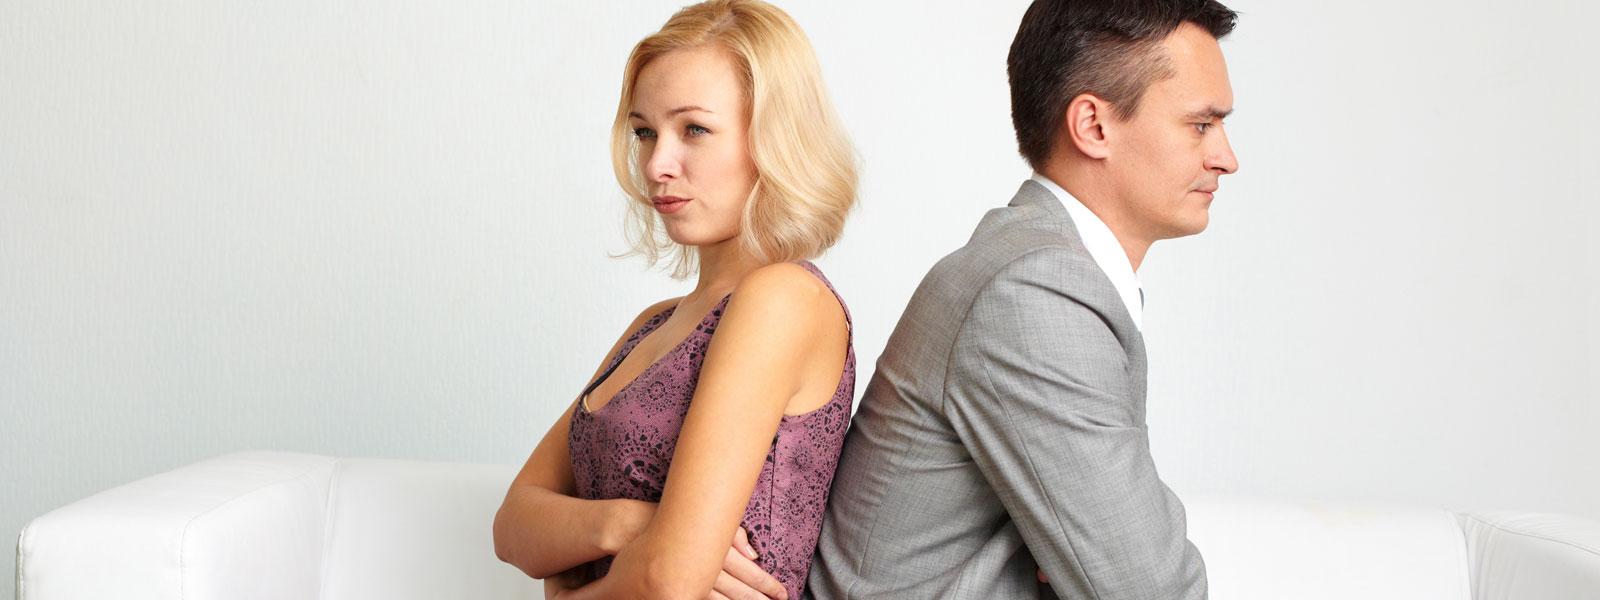 psicologia-giuridica-voghera-pavia-milano-ctp-valutazione-danno-biologico-psichico-ctu-psicologo-avvocati-privati-separazione-divorzio-famiglia-7